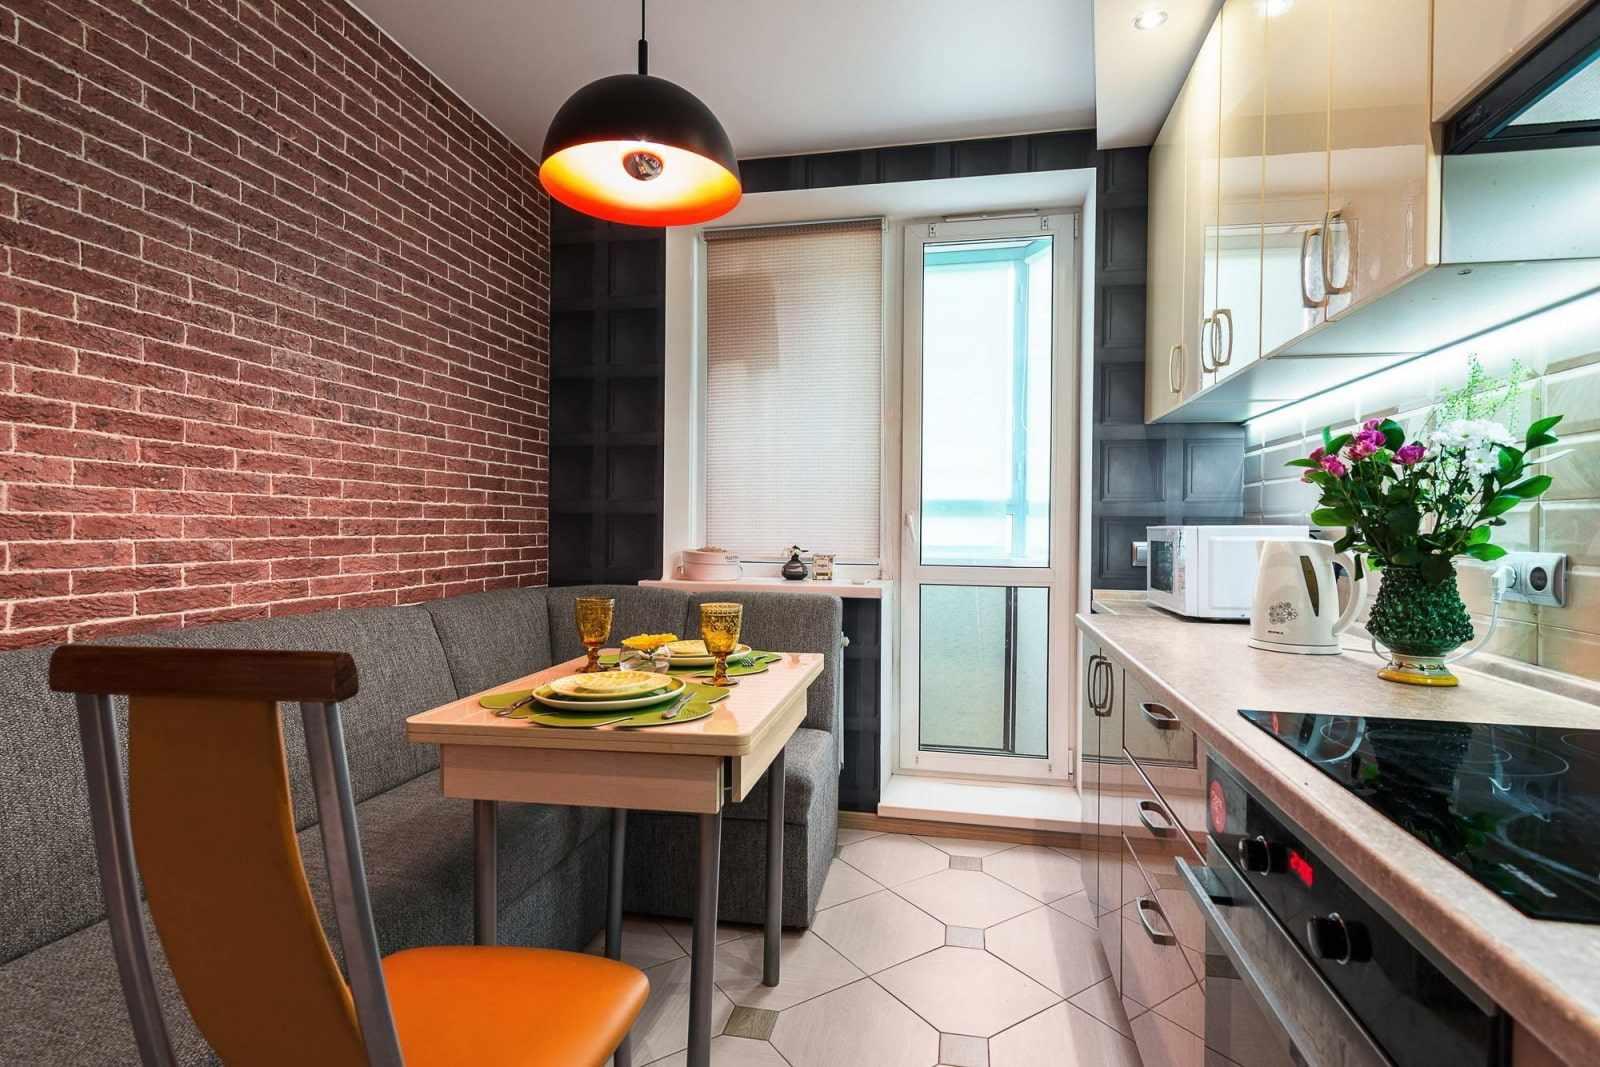 Кухня 12 кв м с однорядной планировкой